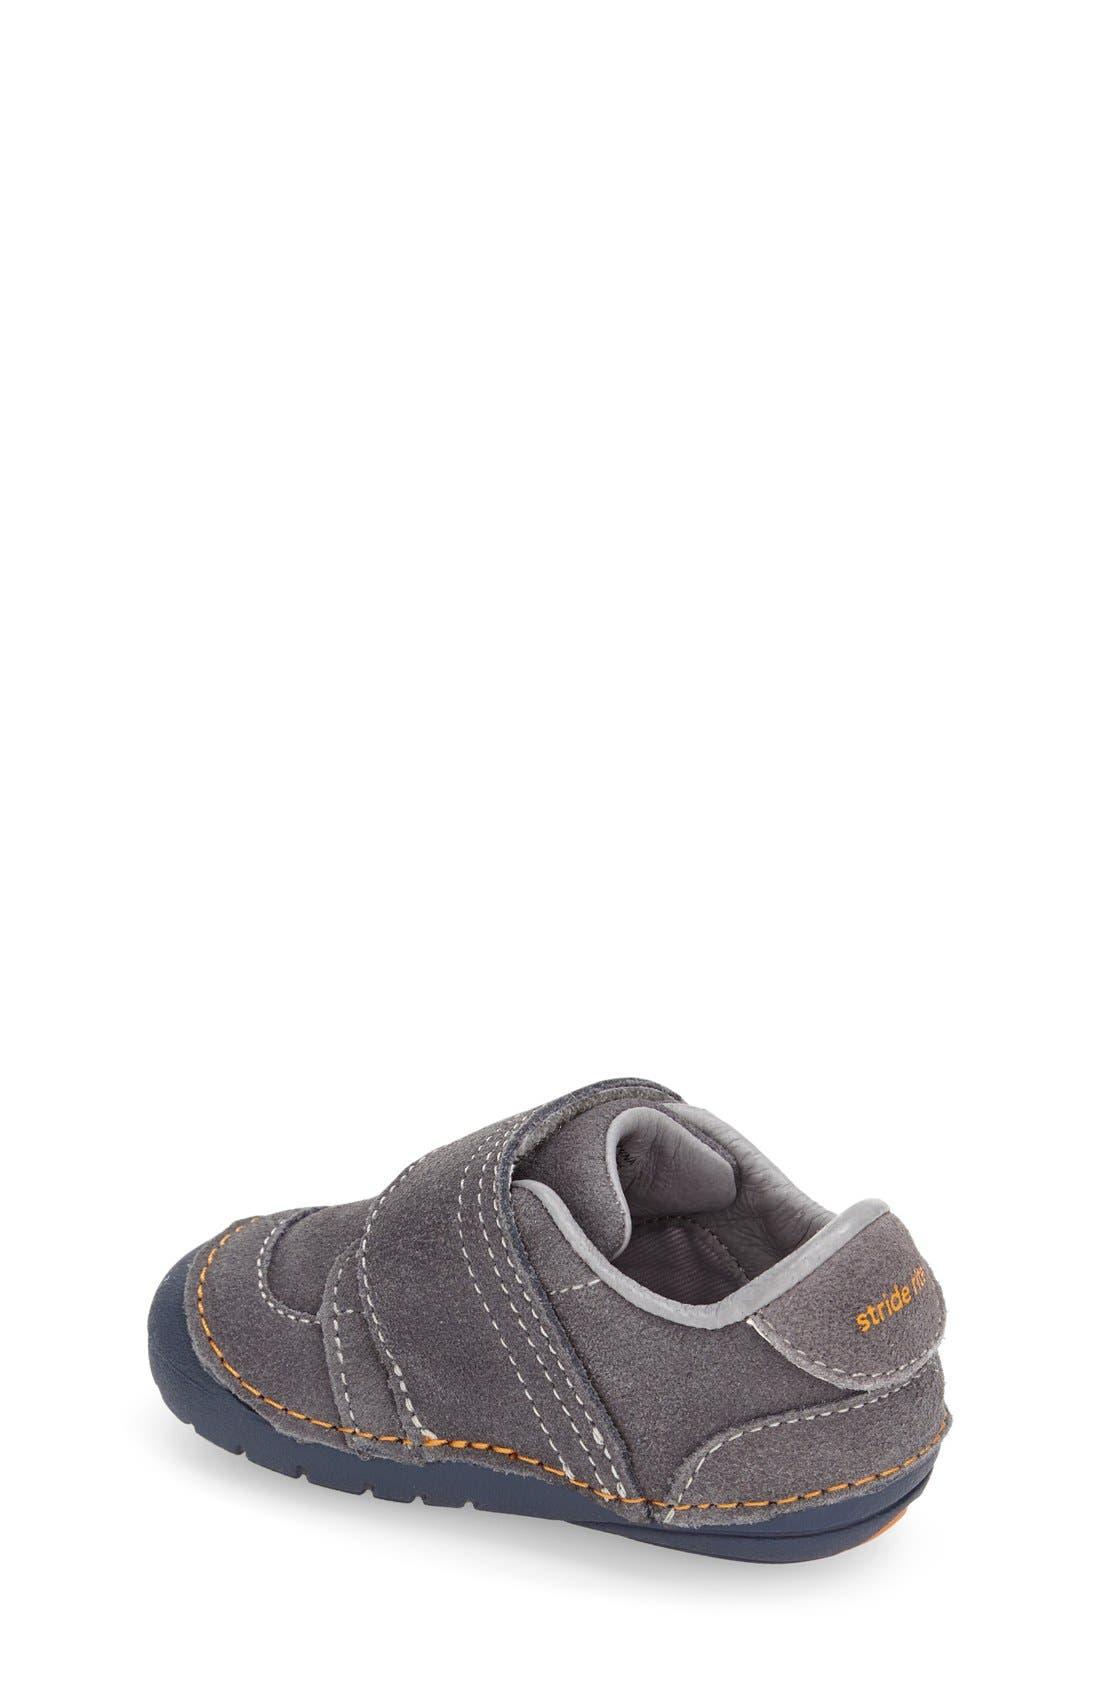 Alternate Image 2  - Stride Rite Soft Motion Kellen Sneaker (Baby & Walker)